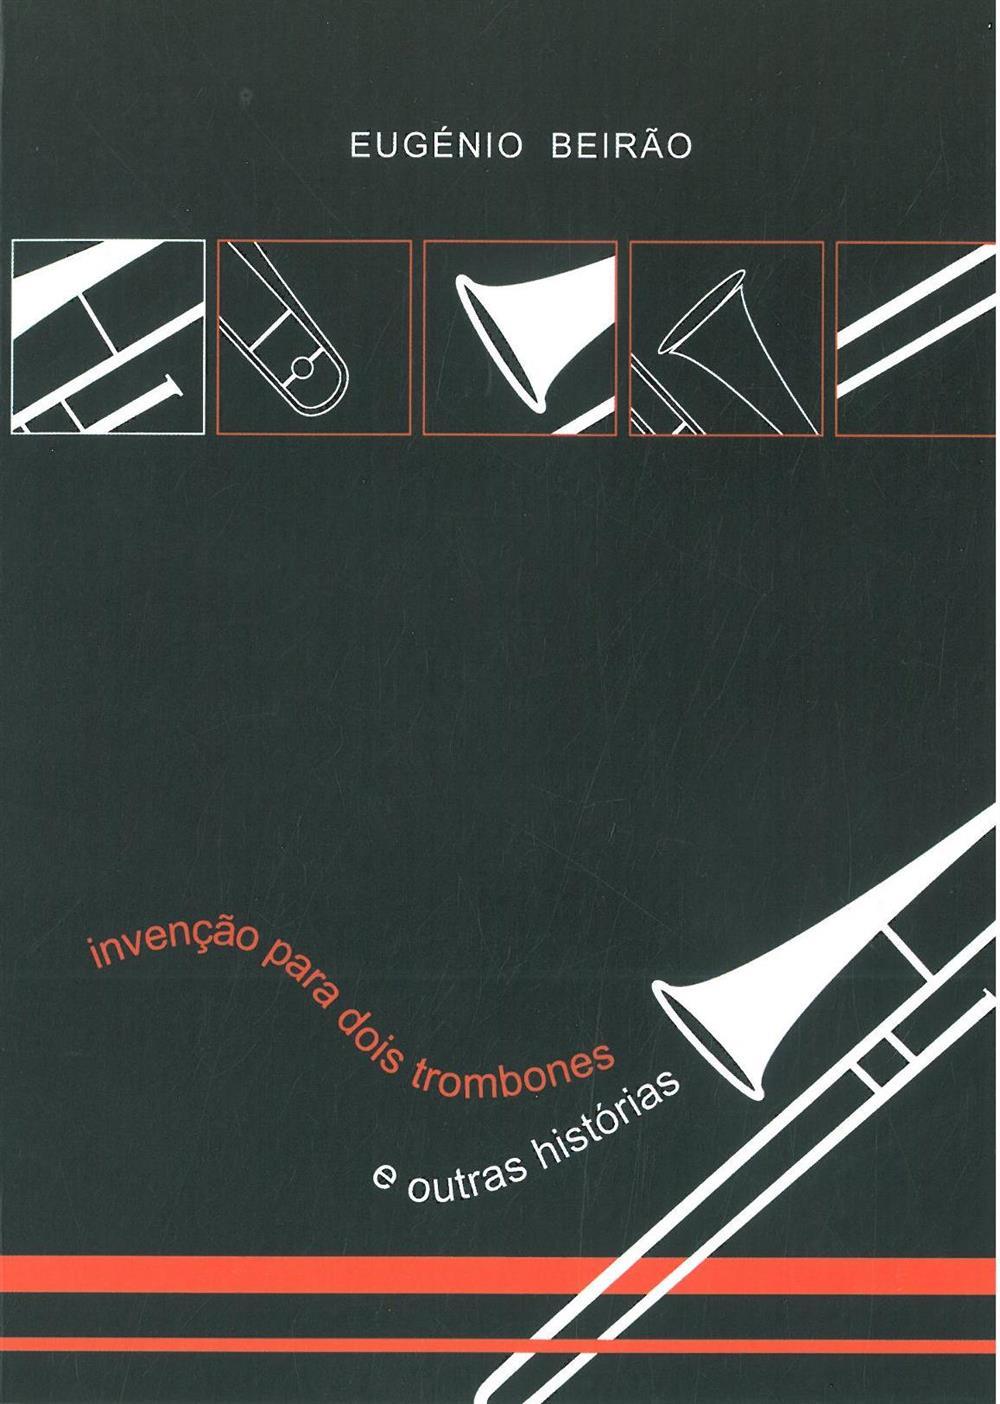 Invenção para dois trombones e outras histórias.jpg